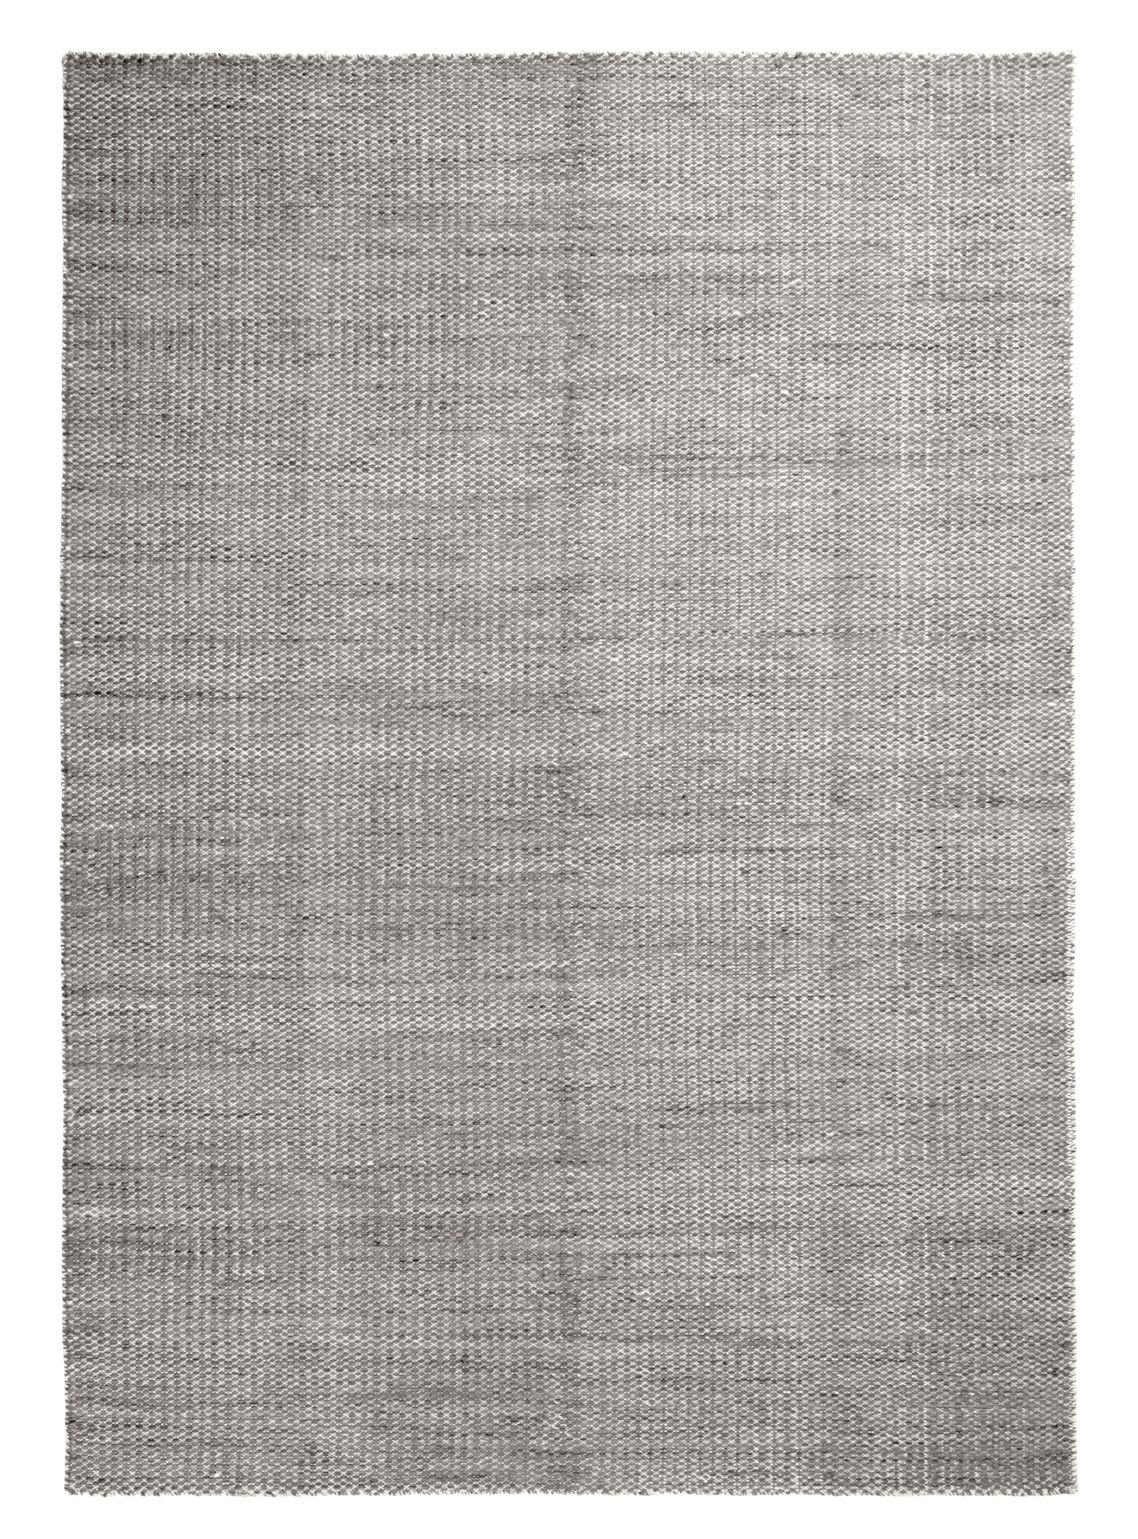 Decoration - Rugs - Moiré Kelim Rug - / Handwoven - 300 x 200 cm by Hay - Grey - Wool